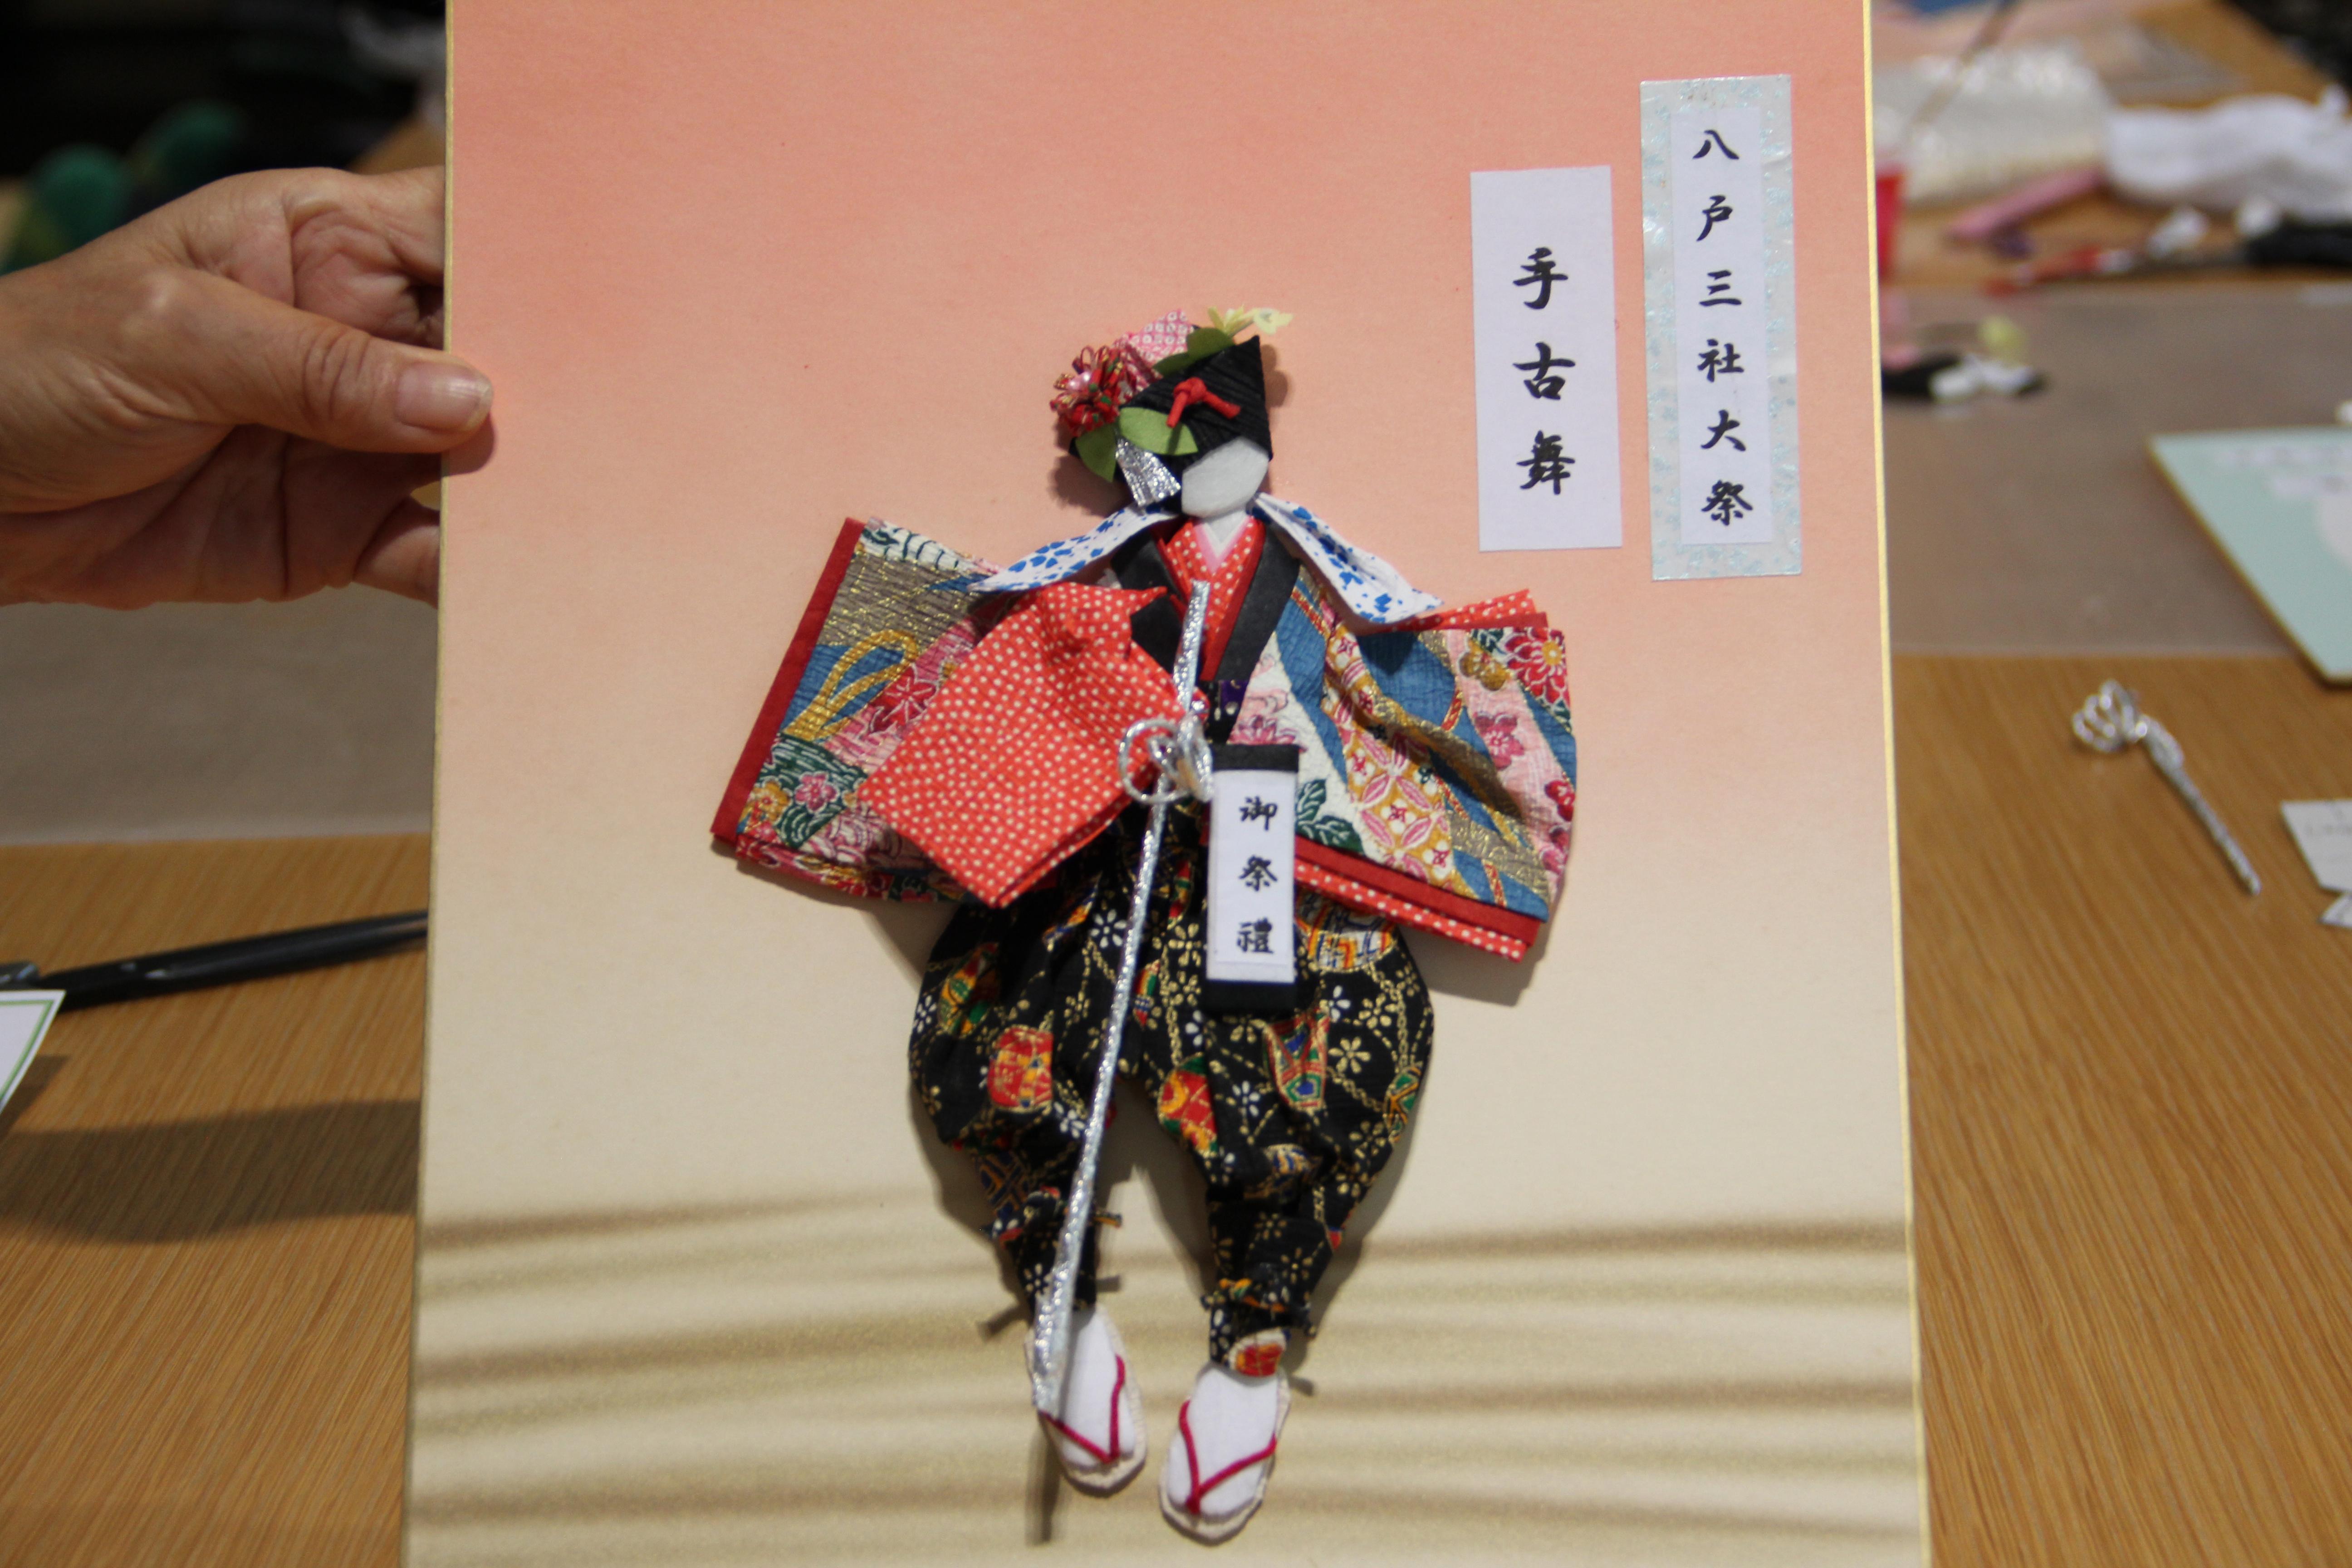 http://hacchi.jp/blog/upload/images/20140807_5.jpg